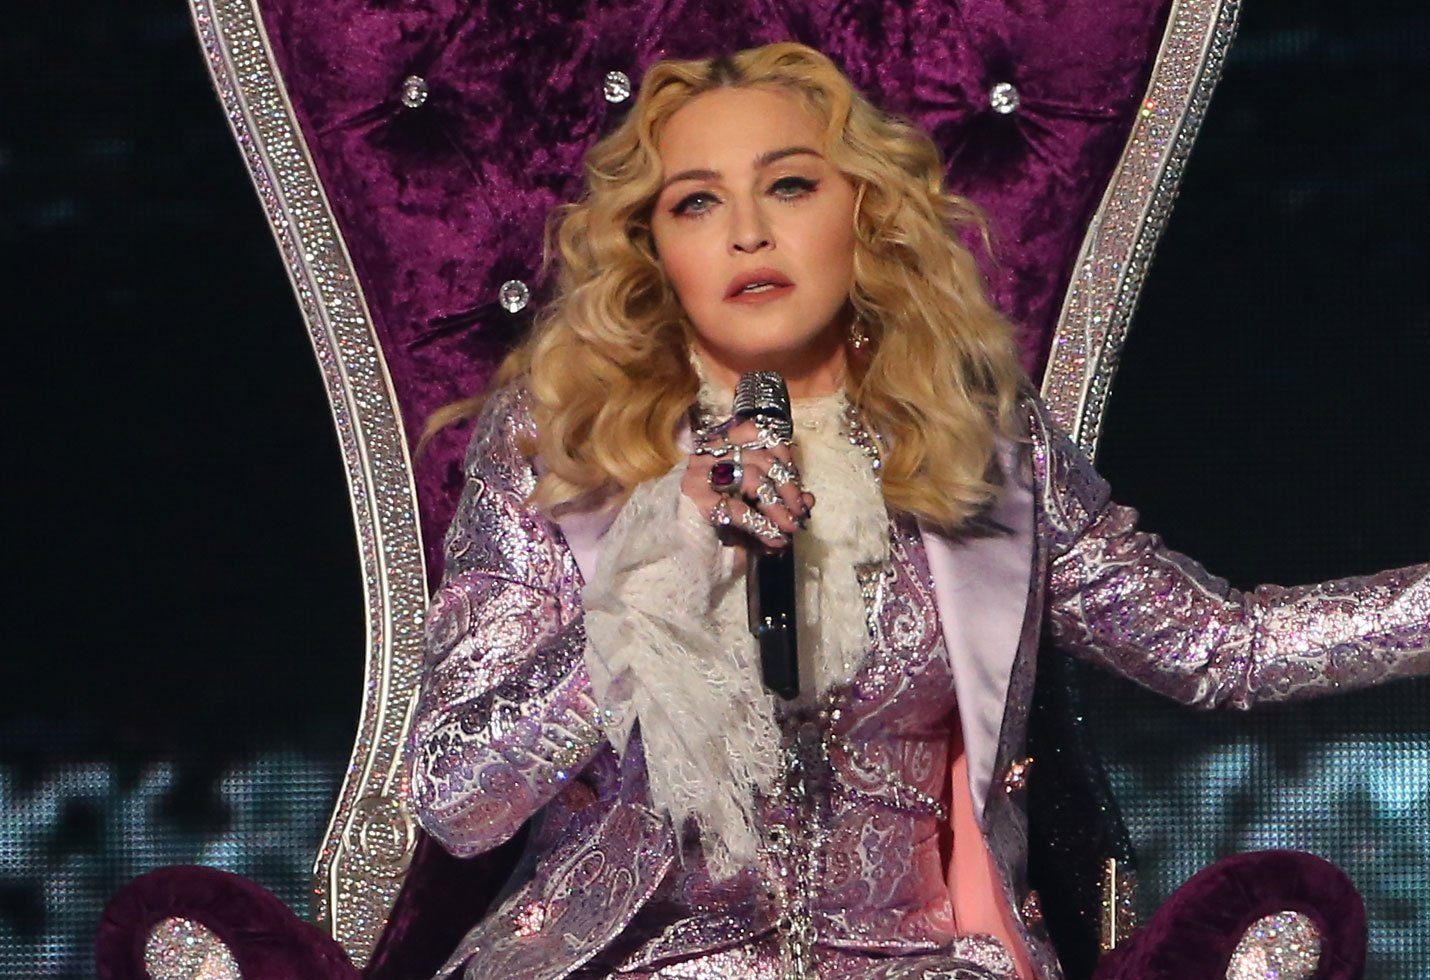 Madonna alter ego madame x album announcement